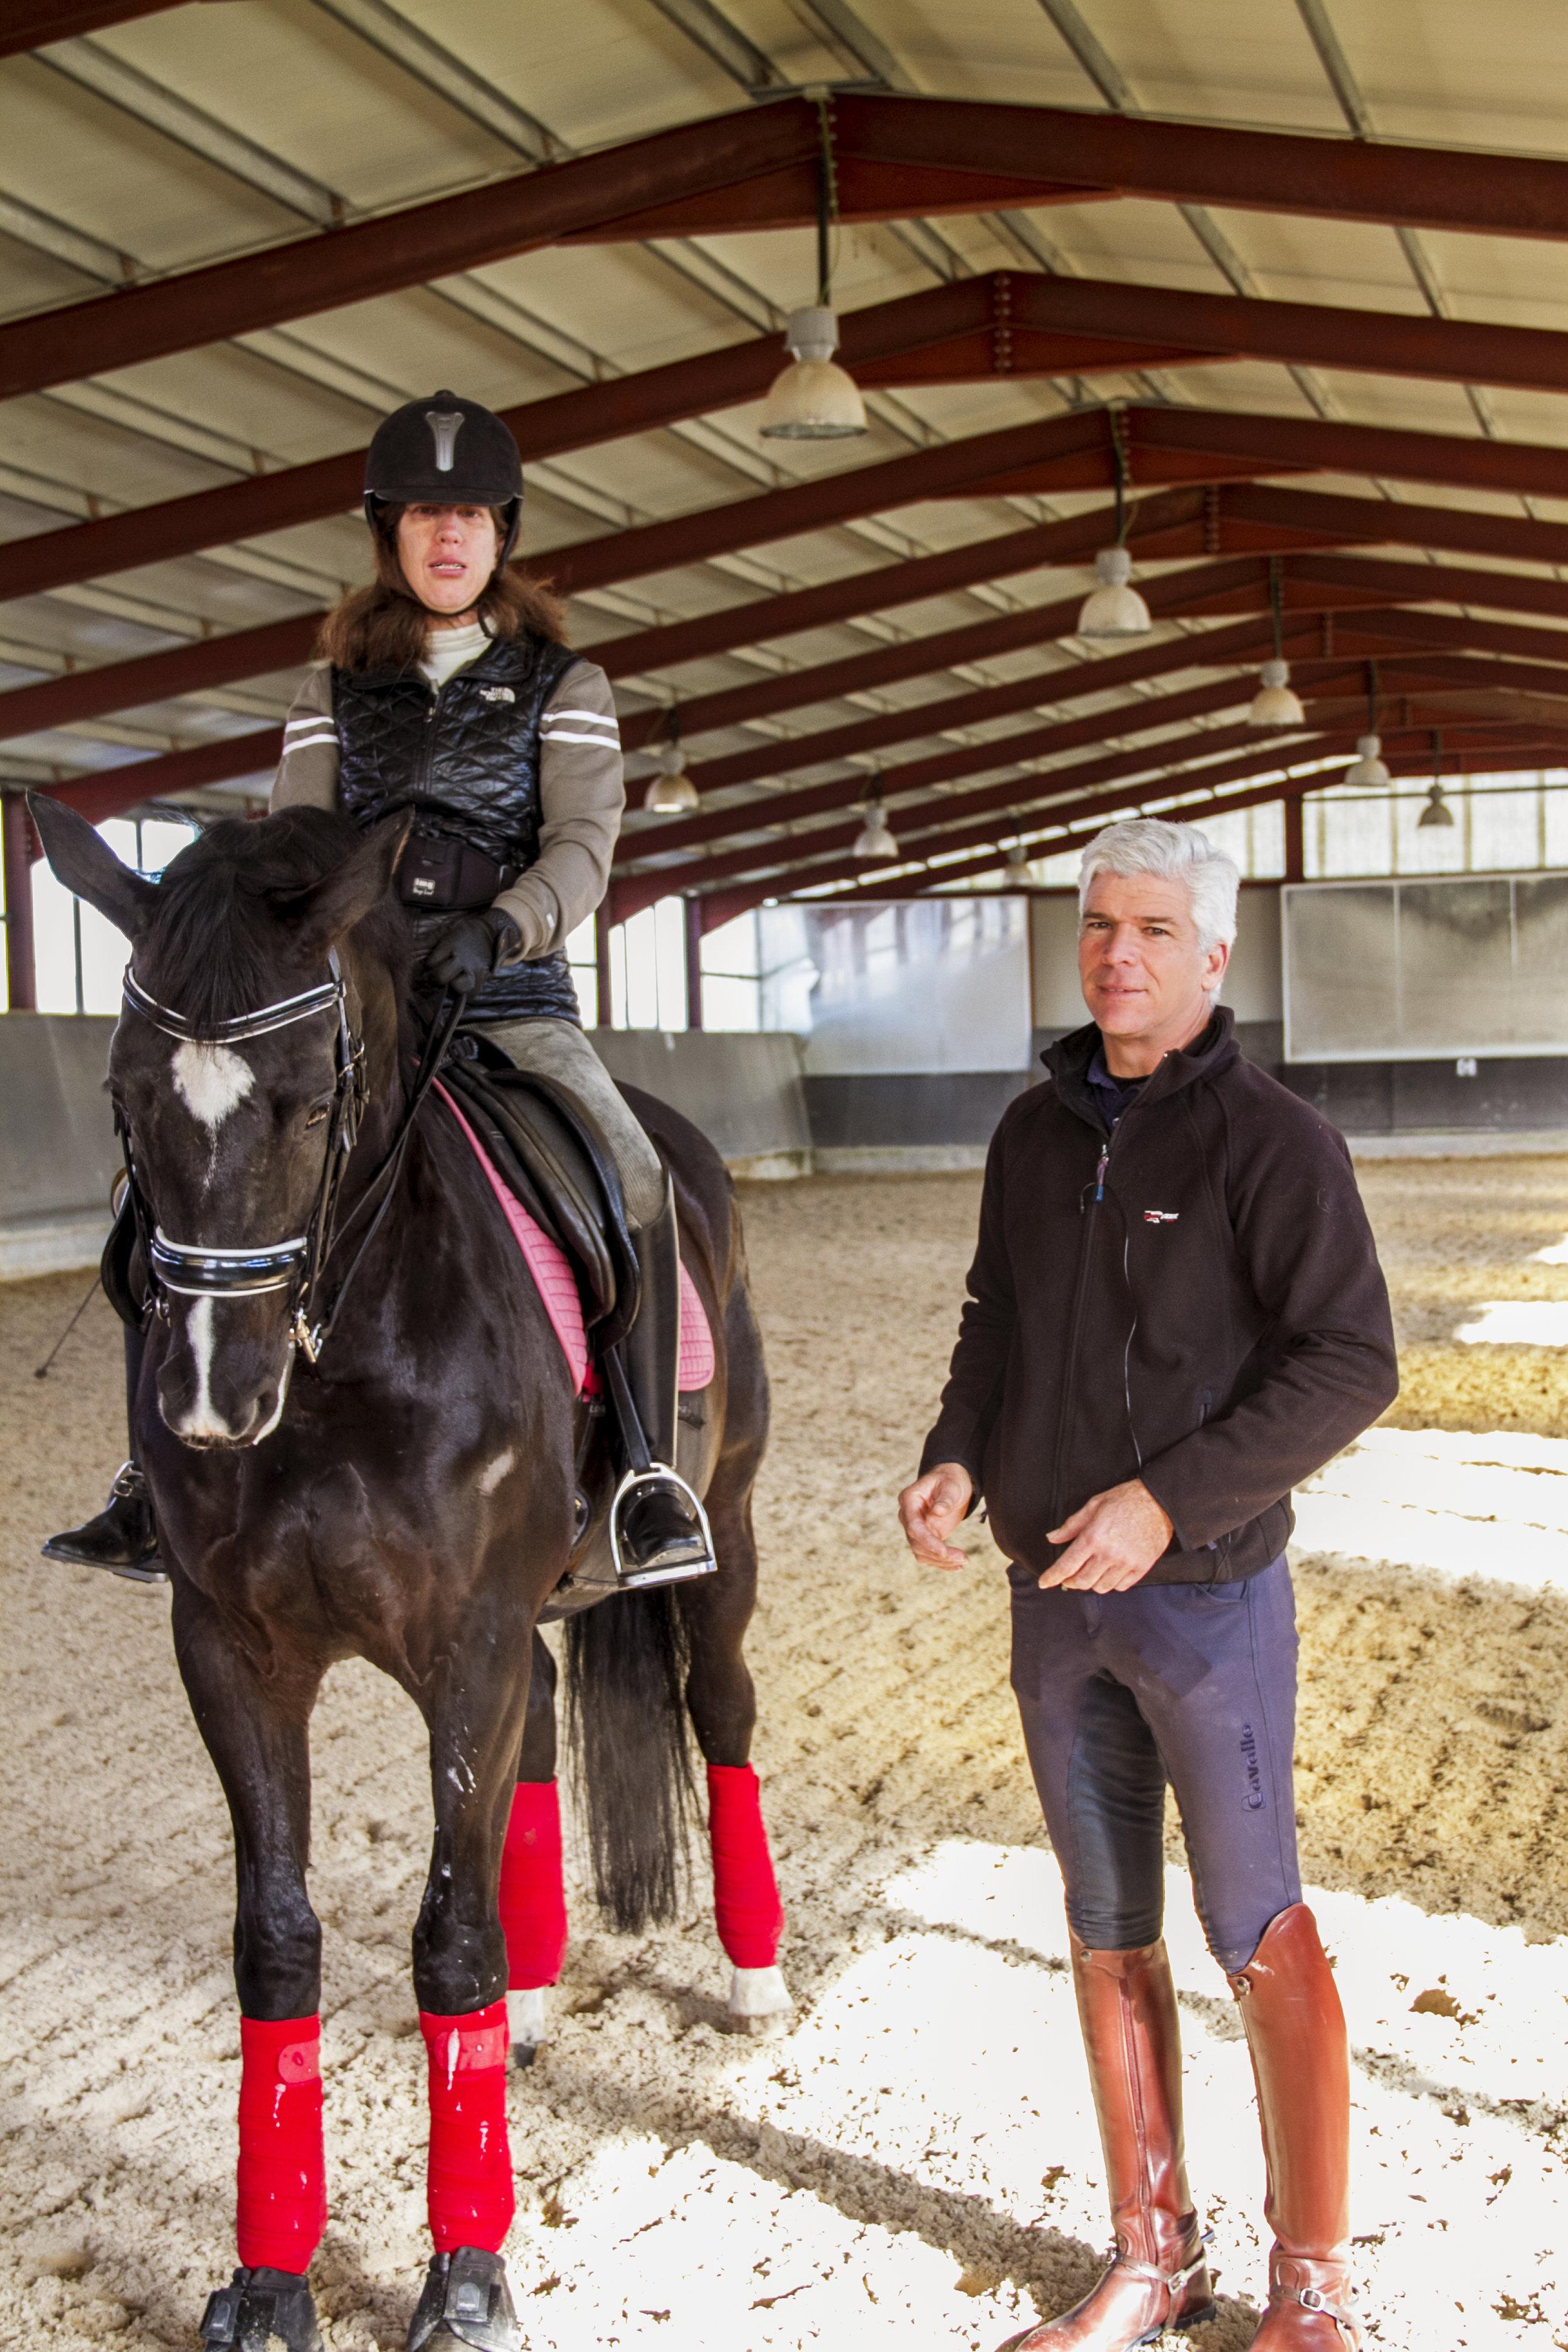 José y Sonia Villalba - Campeona de España de doma clasica Paraecuestrecompetidora en las Paraolimpiadas y 3 campeonatos del mundo